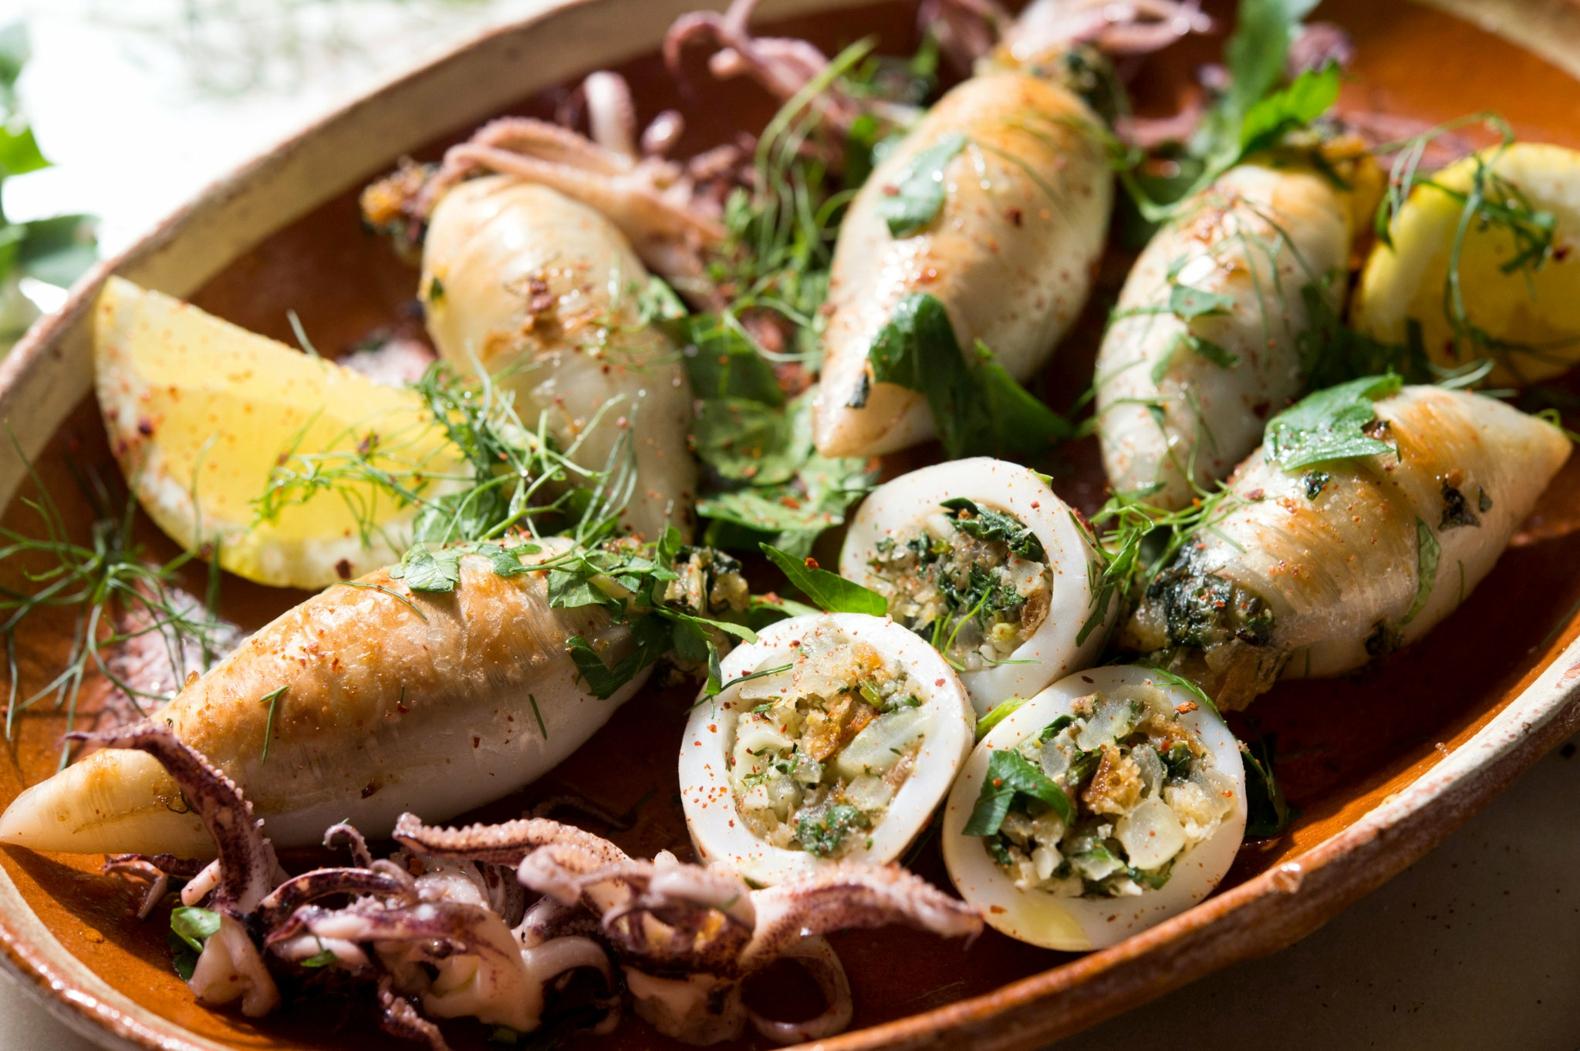 Tintenfischtuben gefüllt mit Spinat und Feta